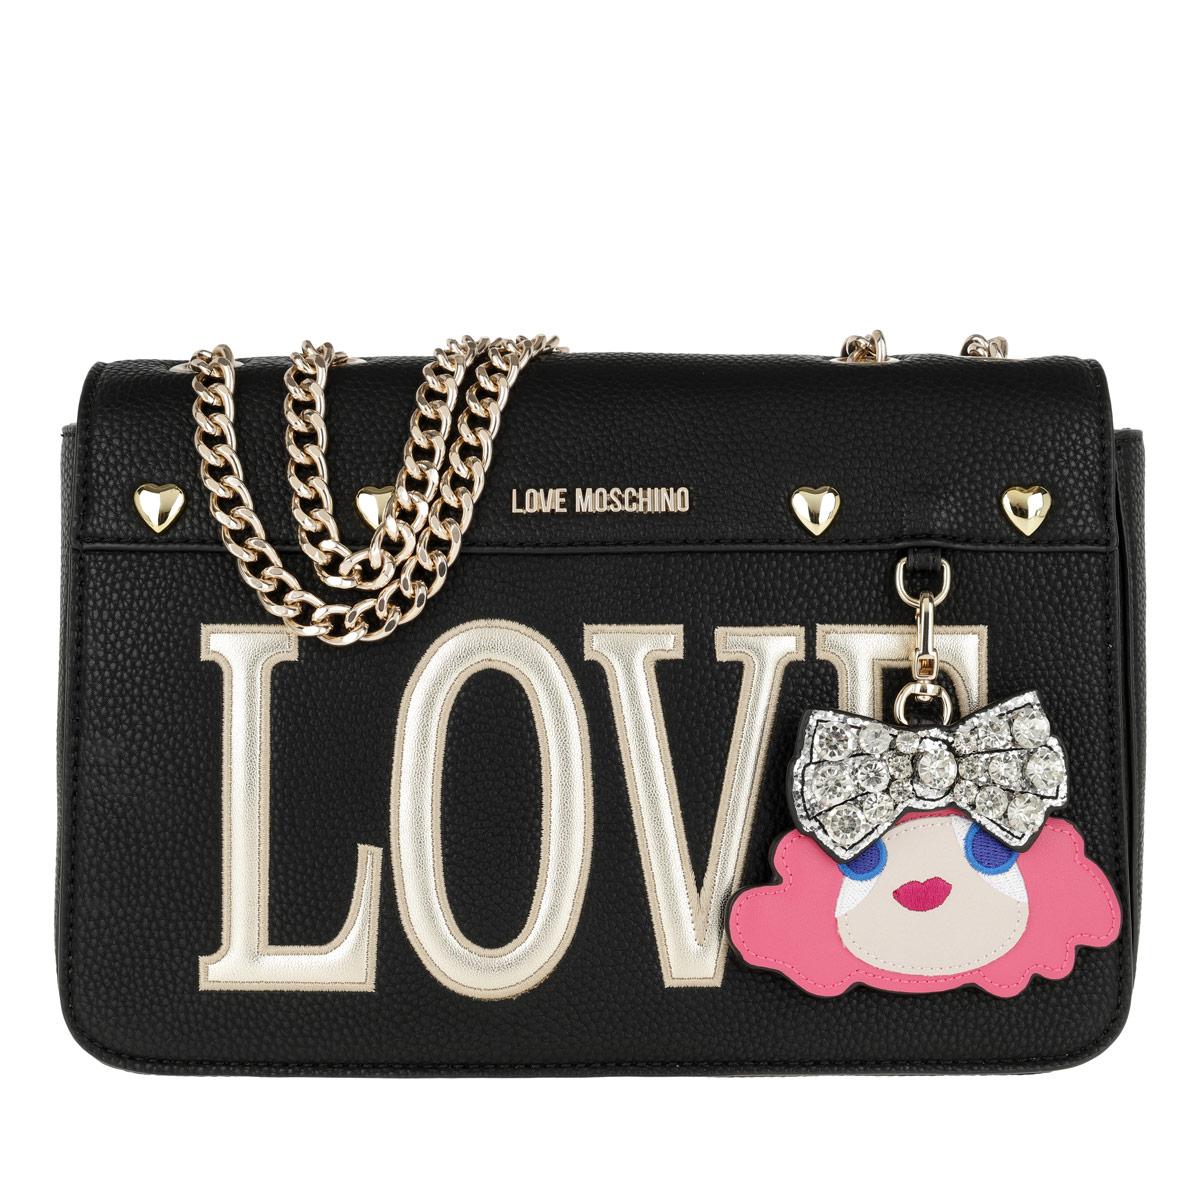 Love Moschino Umhängetasche - Pebble Pu Chain Crossbody Bag Nero - in schwarz - für Damen